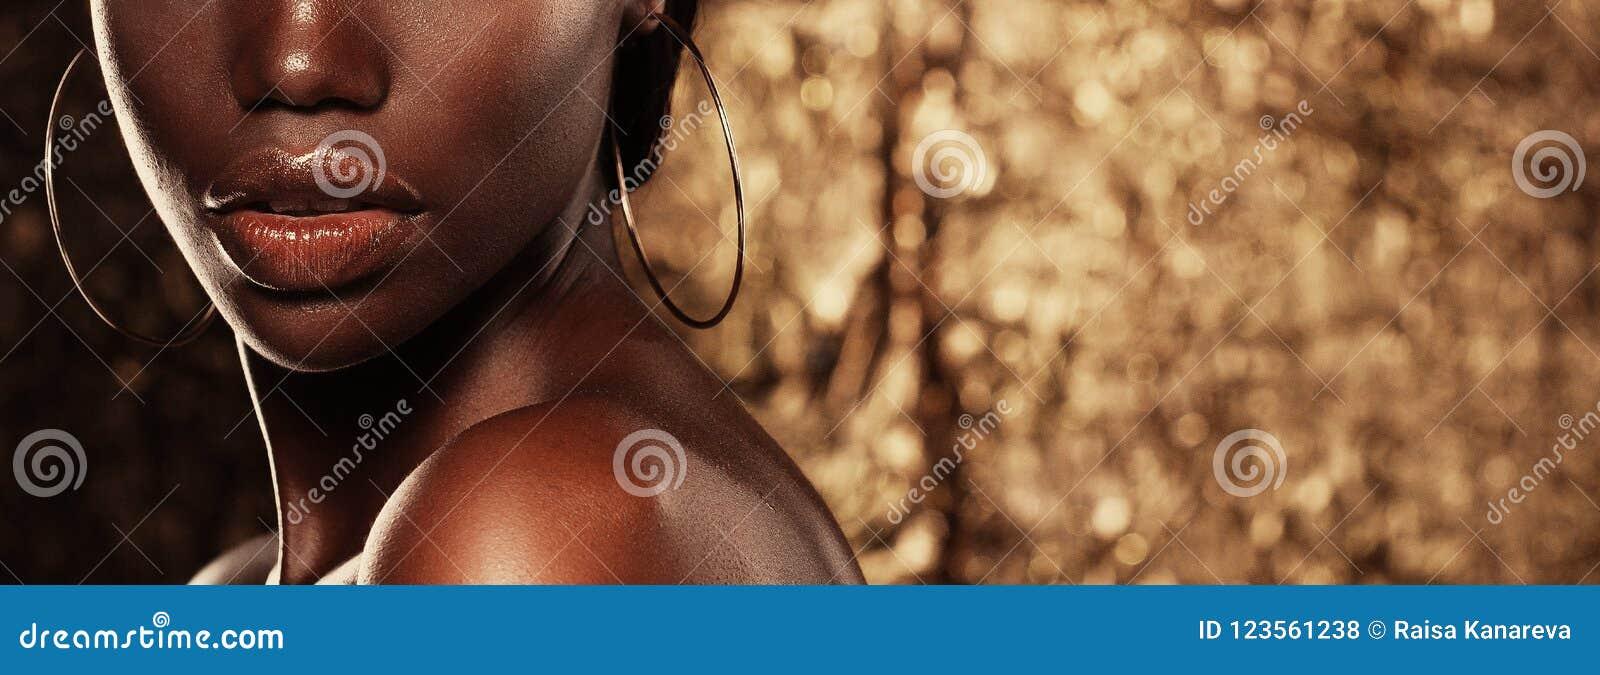 Schoonheidsconcept: Het portret van een sensuele jonge Afrikaanse vrouw met gekleurd maakt omhoog